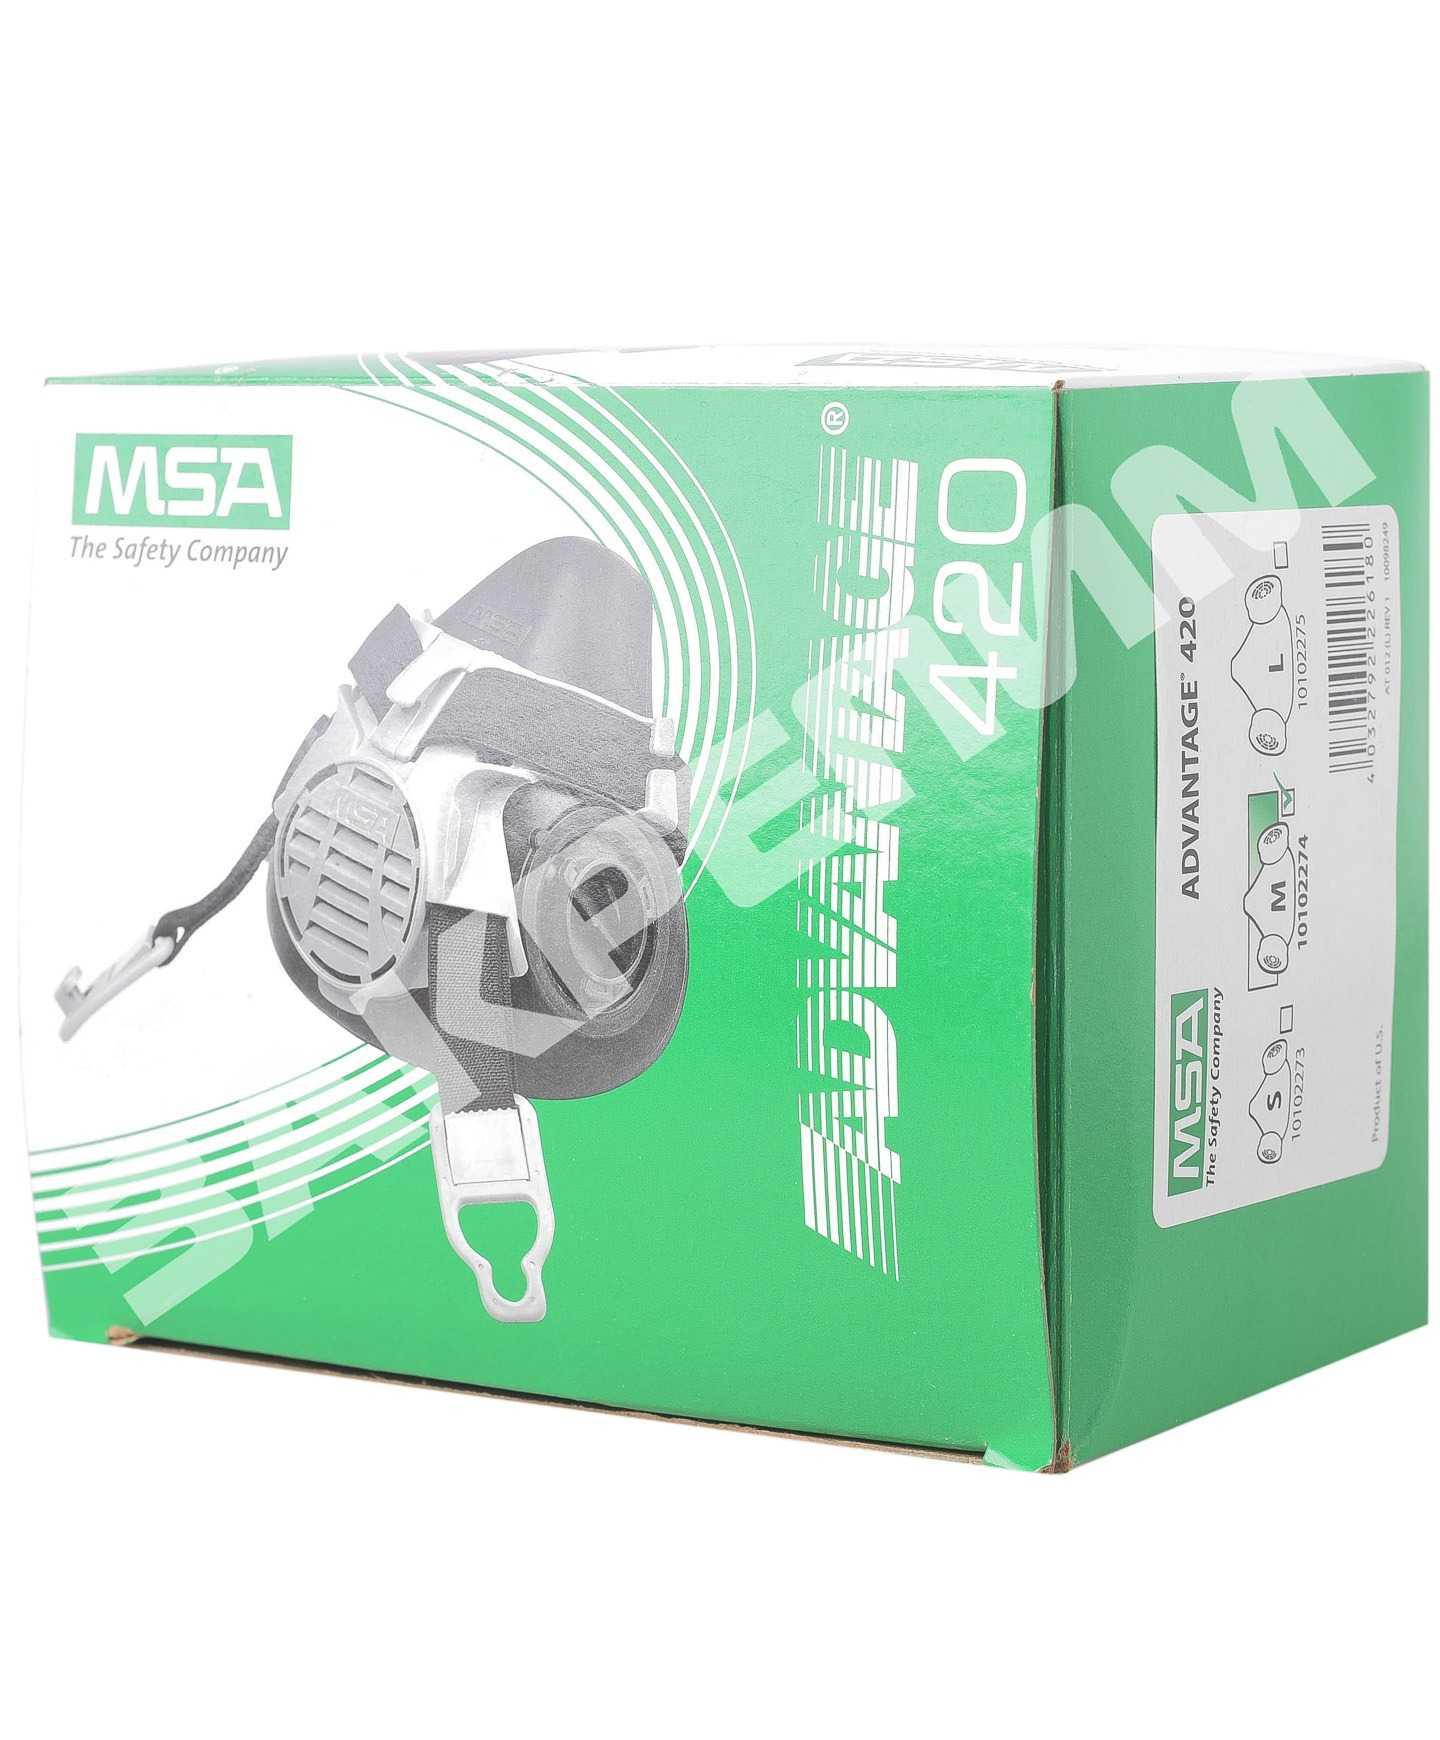 msa-420